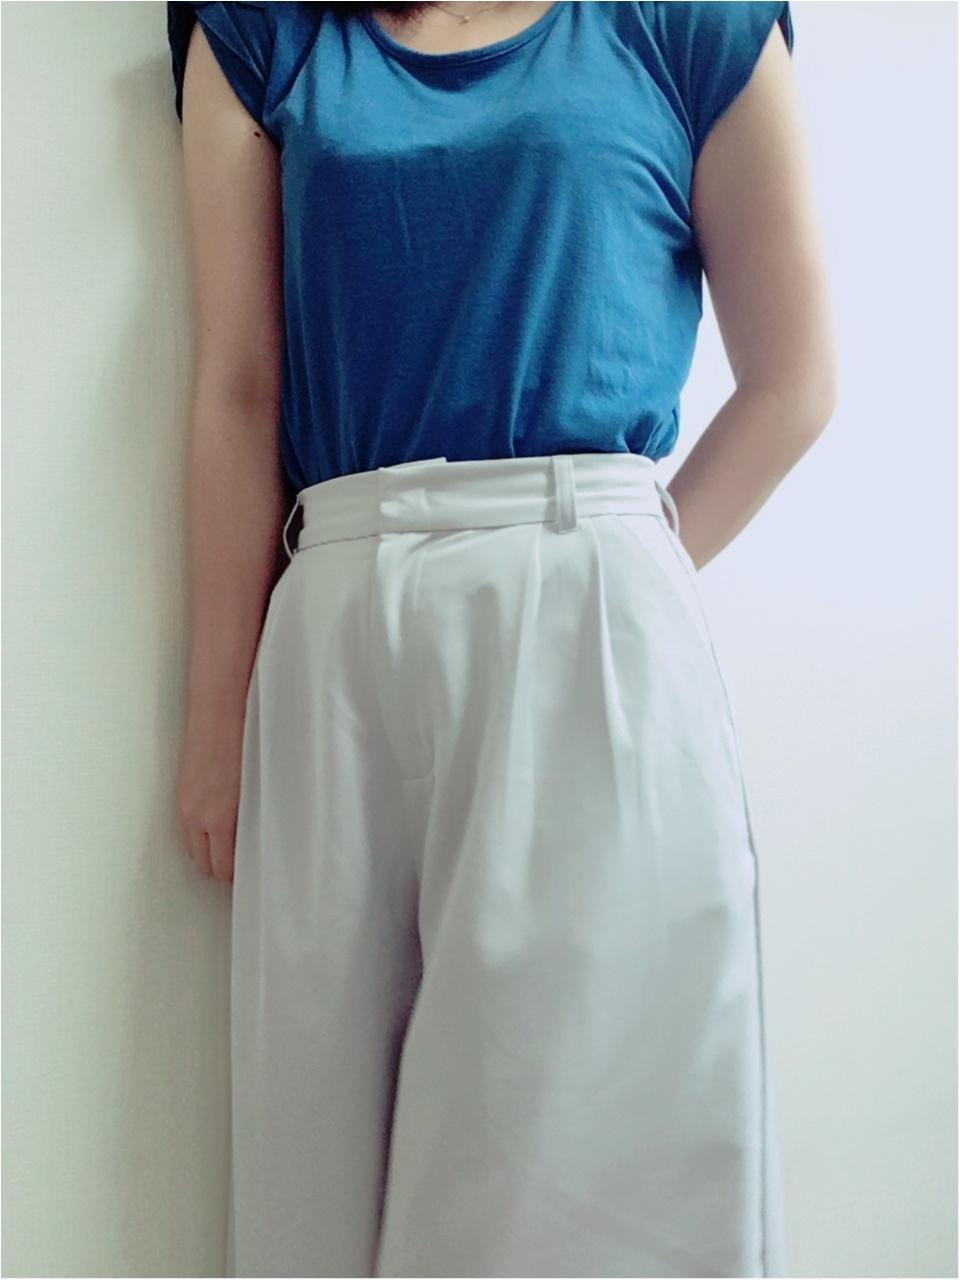 今日のオフィスコーデ★【Fashion】夏はさわやかブルーのトップスで★_5